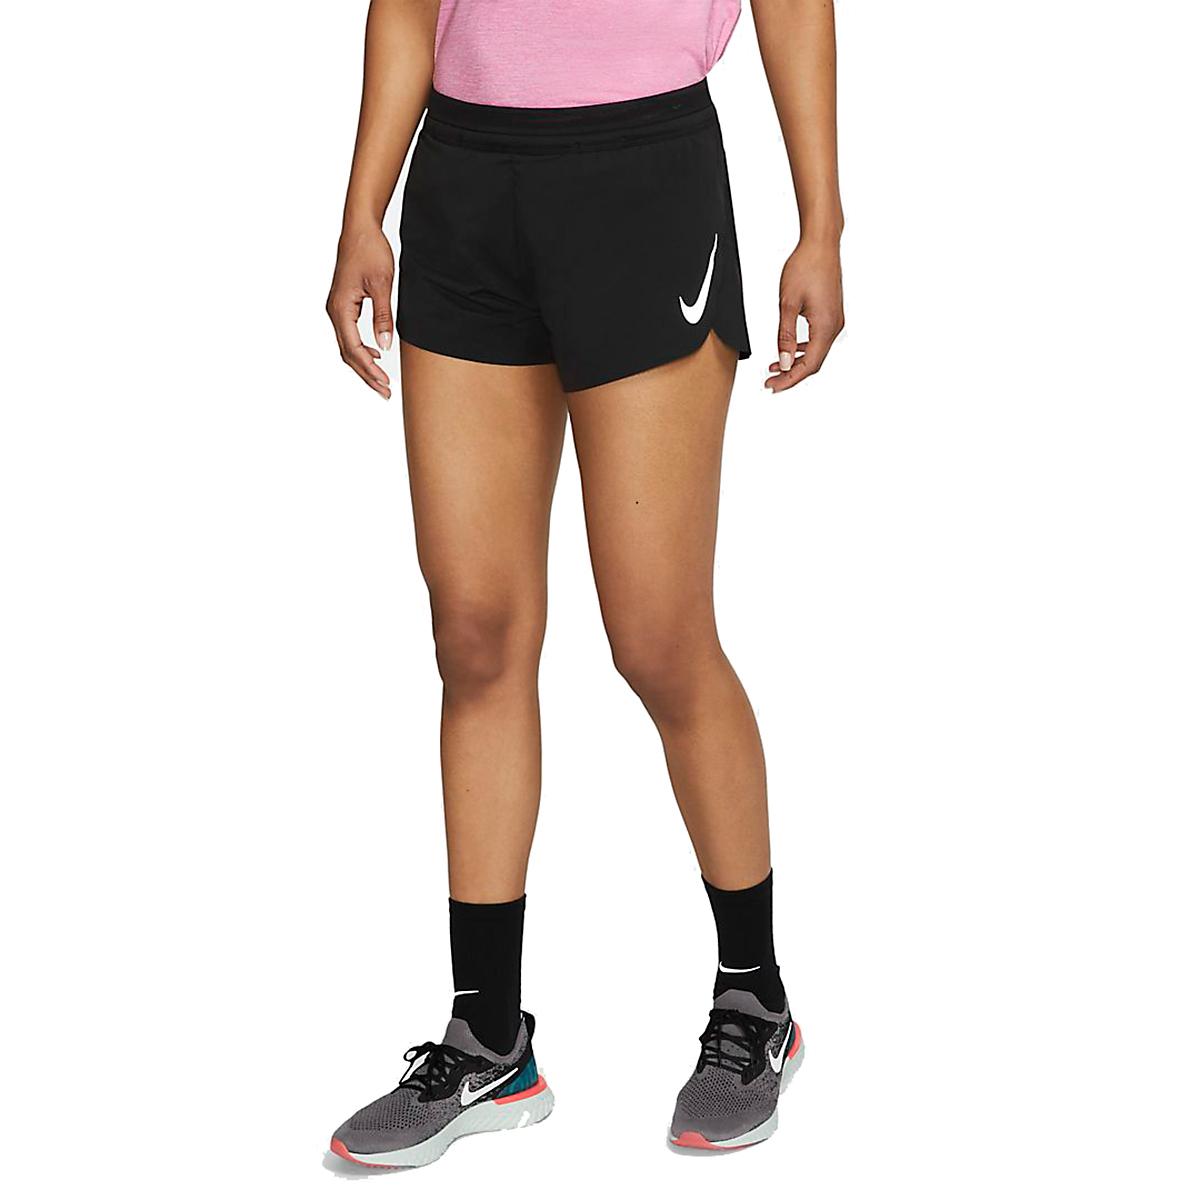 Women's Nike AeroSwift Track Short - Color: Black/Reflective - Size: XL, Black/Reflective, large, image 1